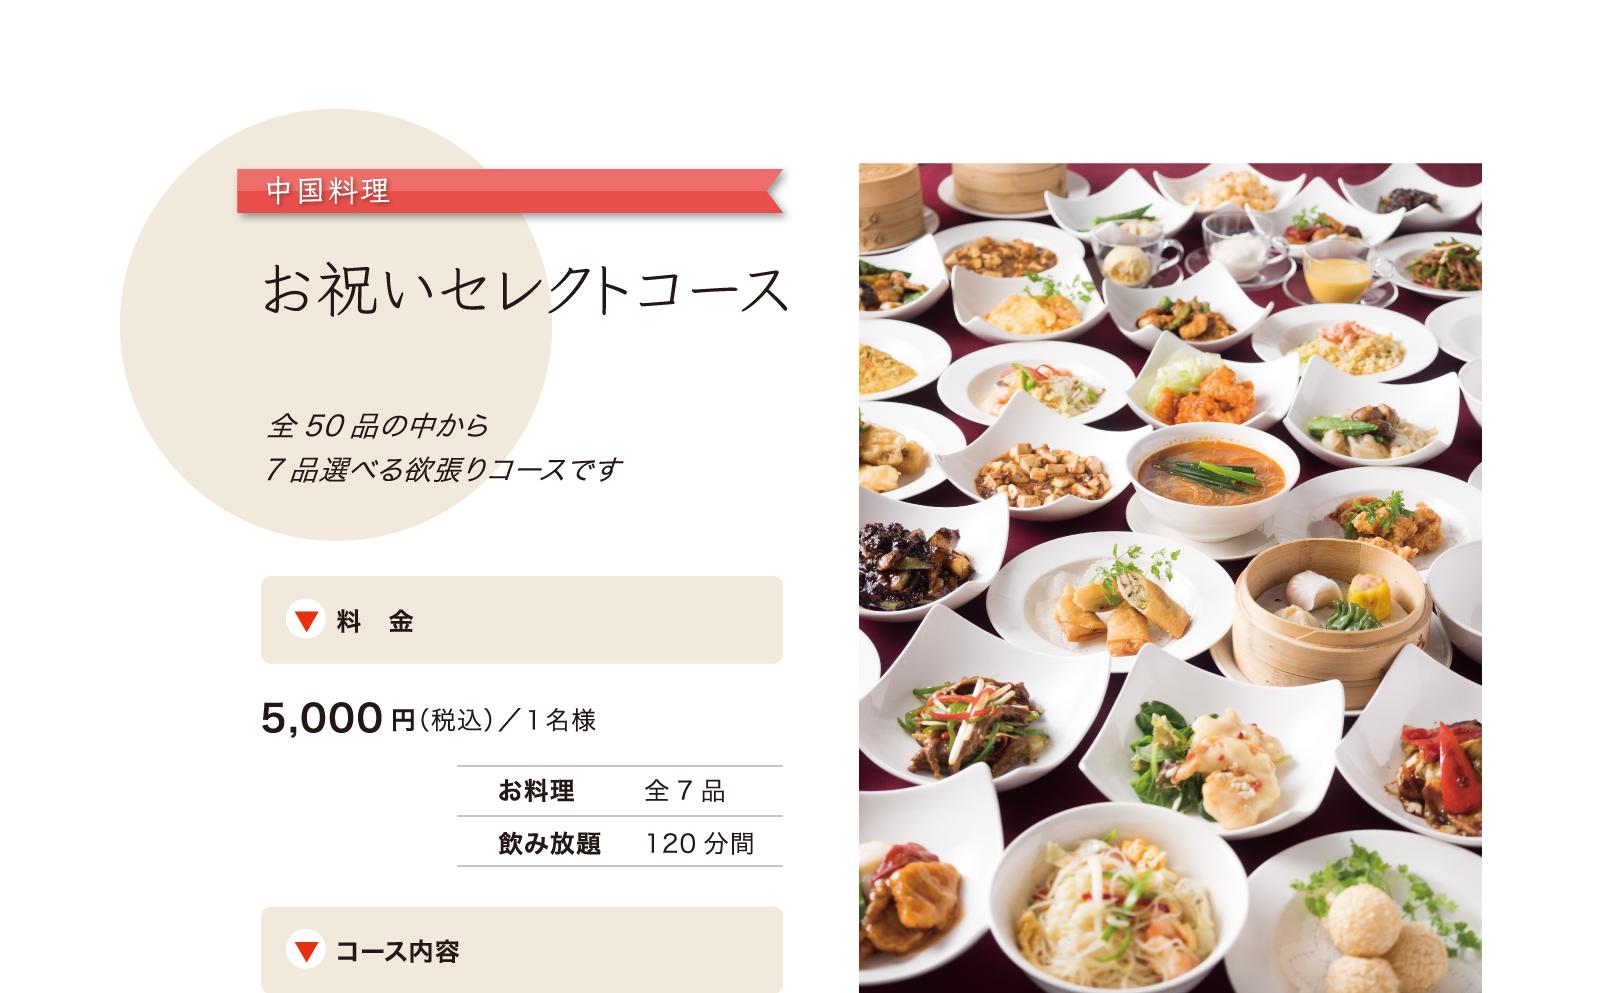 お祝いセレクトコース/お一人様あたり5000円(税込)